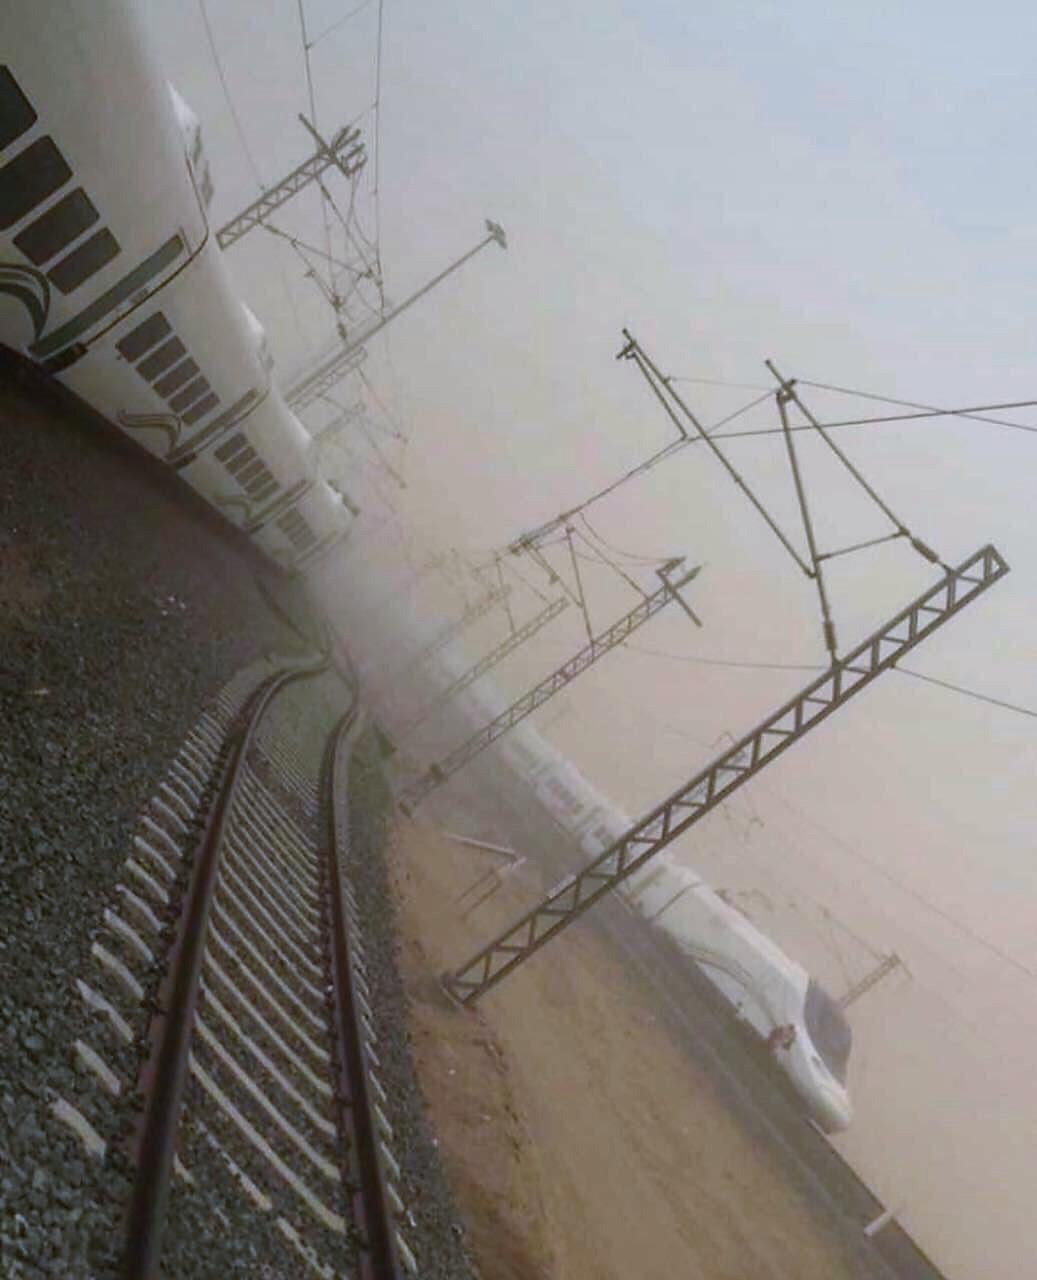 Tormenta de arena en el AVE a La Meca.